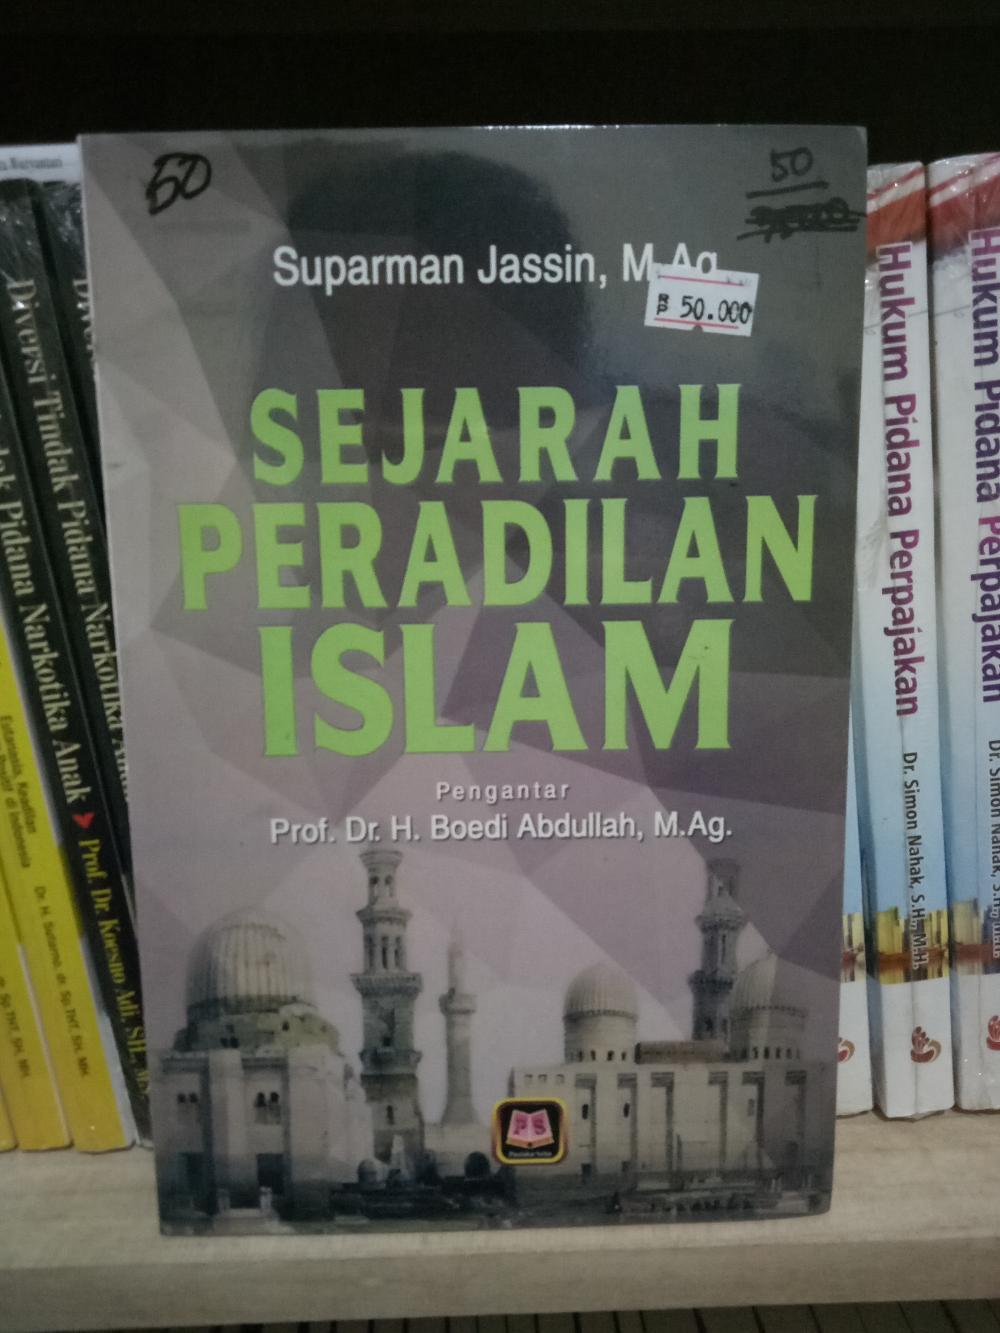 Kelebihan Gapleh Gaul Tapi Soleh Buku Islam Terkini Daftar Harga Sejarah Peradilan Suparan Jassin